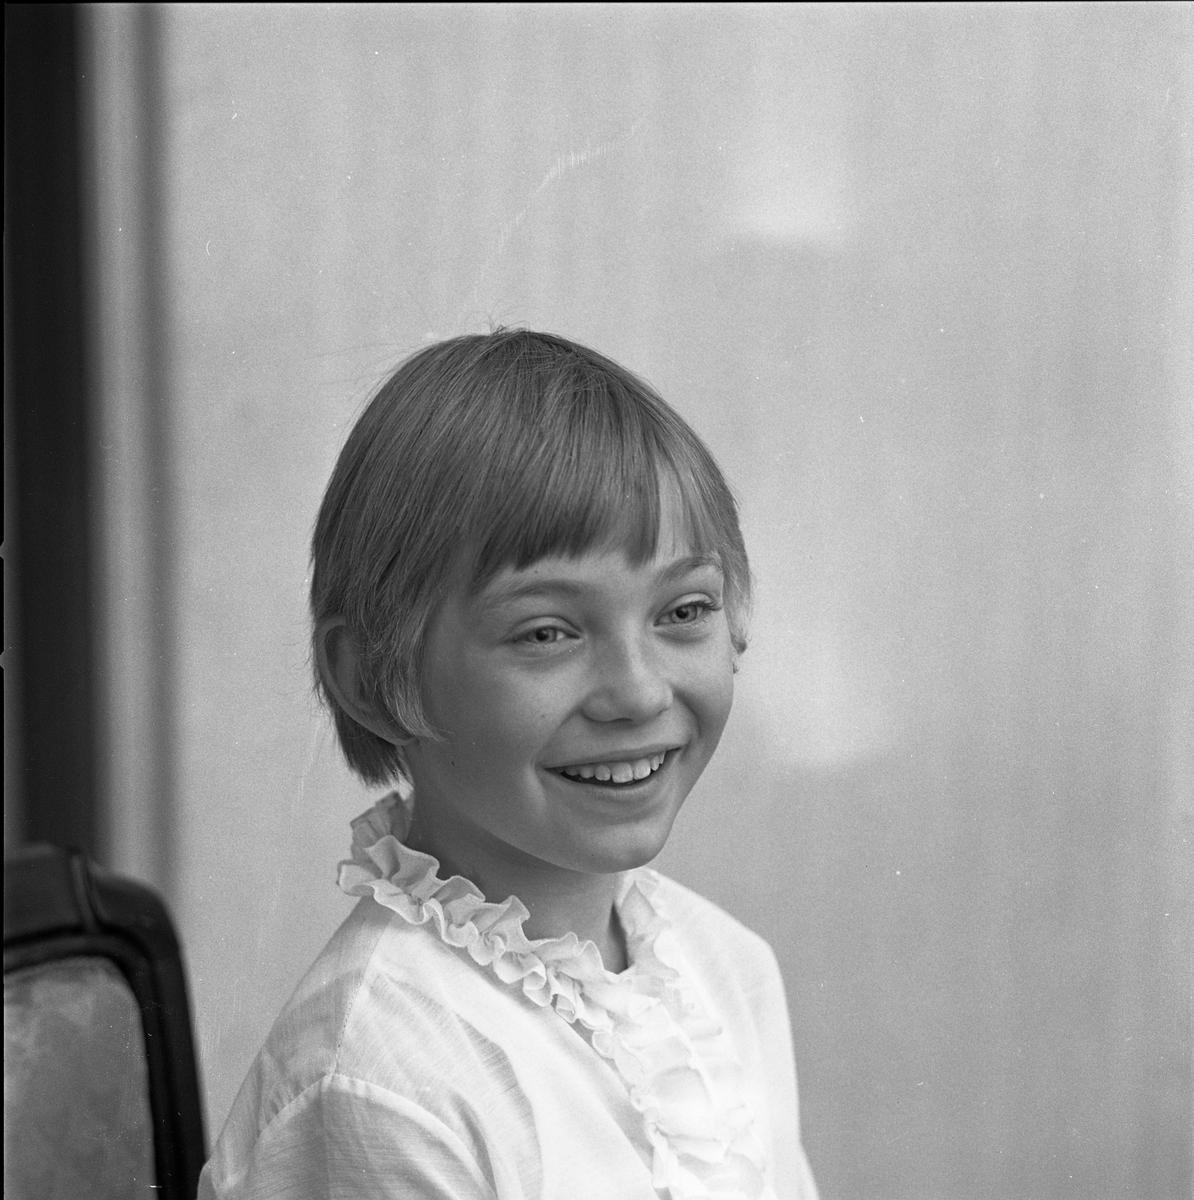 Anna-Karin Hamrelius, kandidat till Barnens Dagsprinsessa. Porträtt av flicka